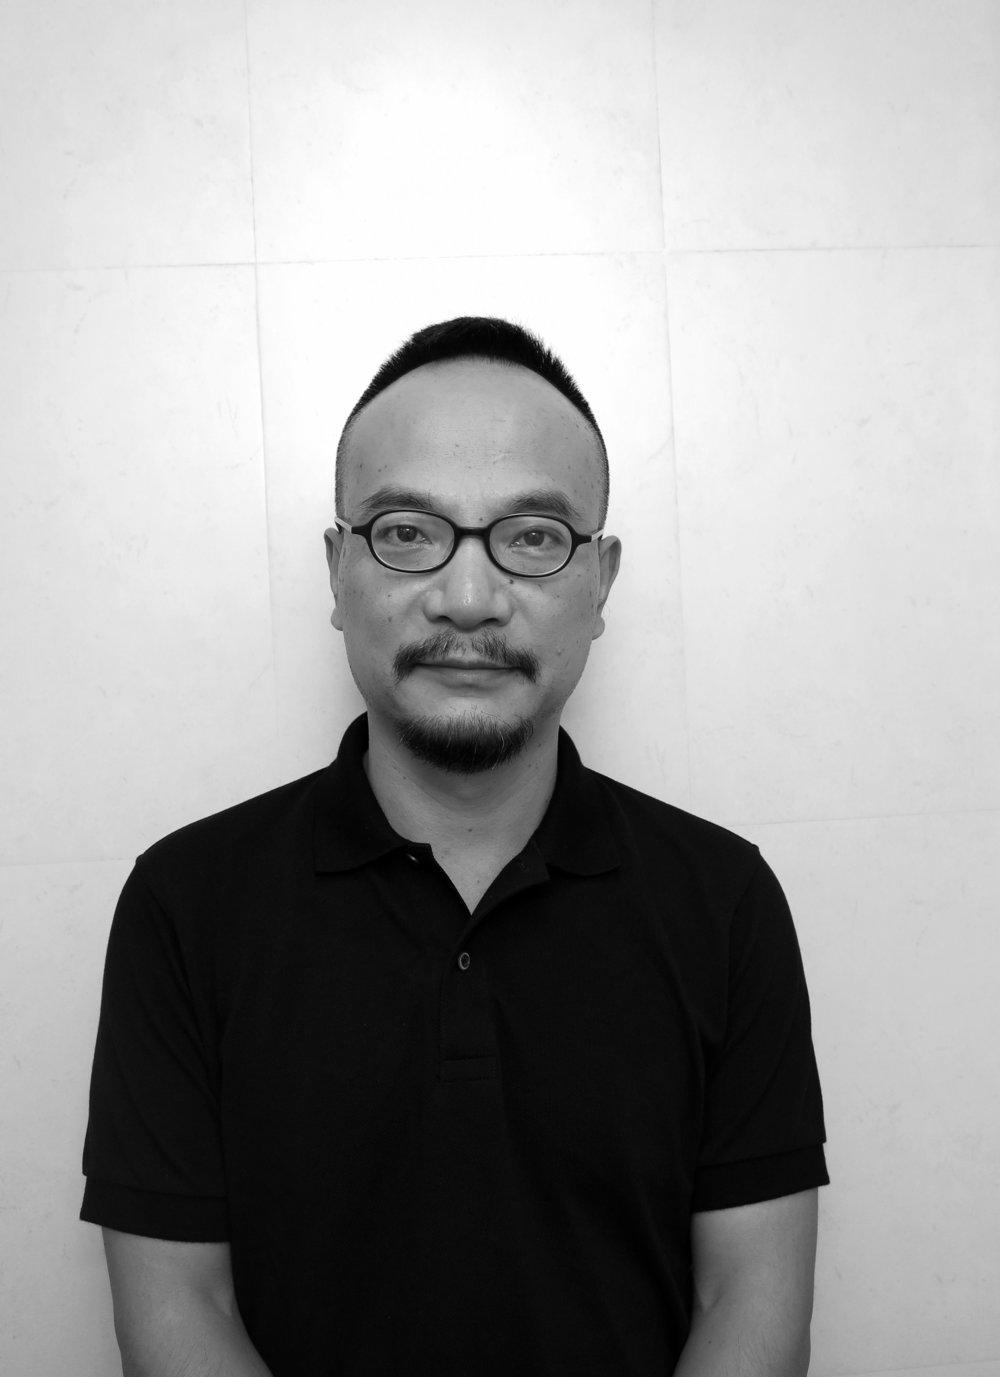 《混沌 & 秩序》CHAOS & ORDER 《刺痛我》Piercing - 刘健 Liu Jian